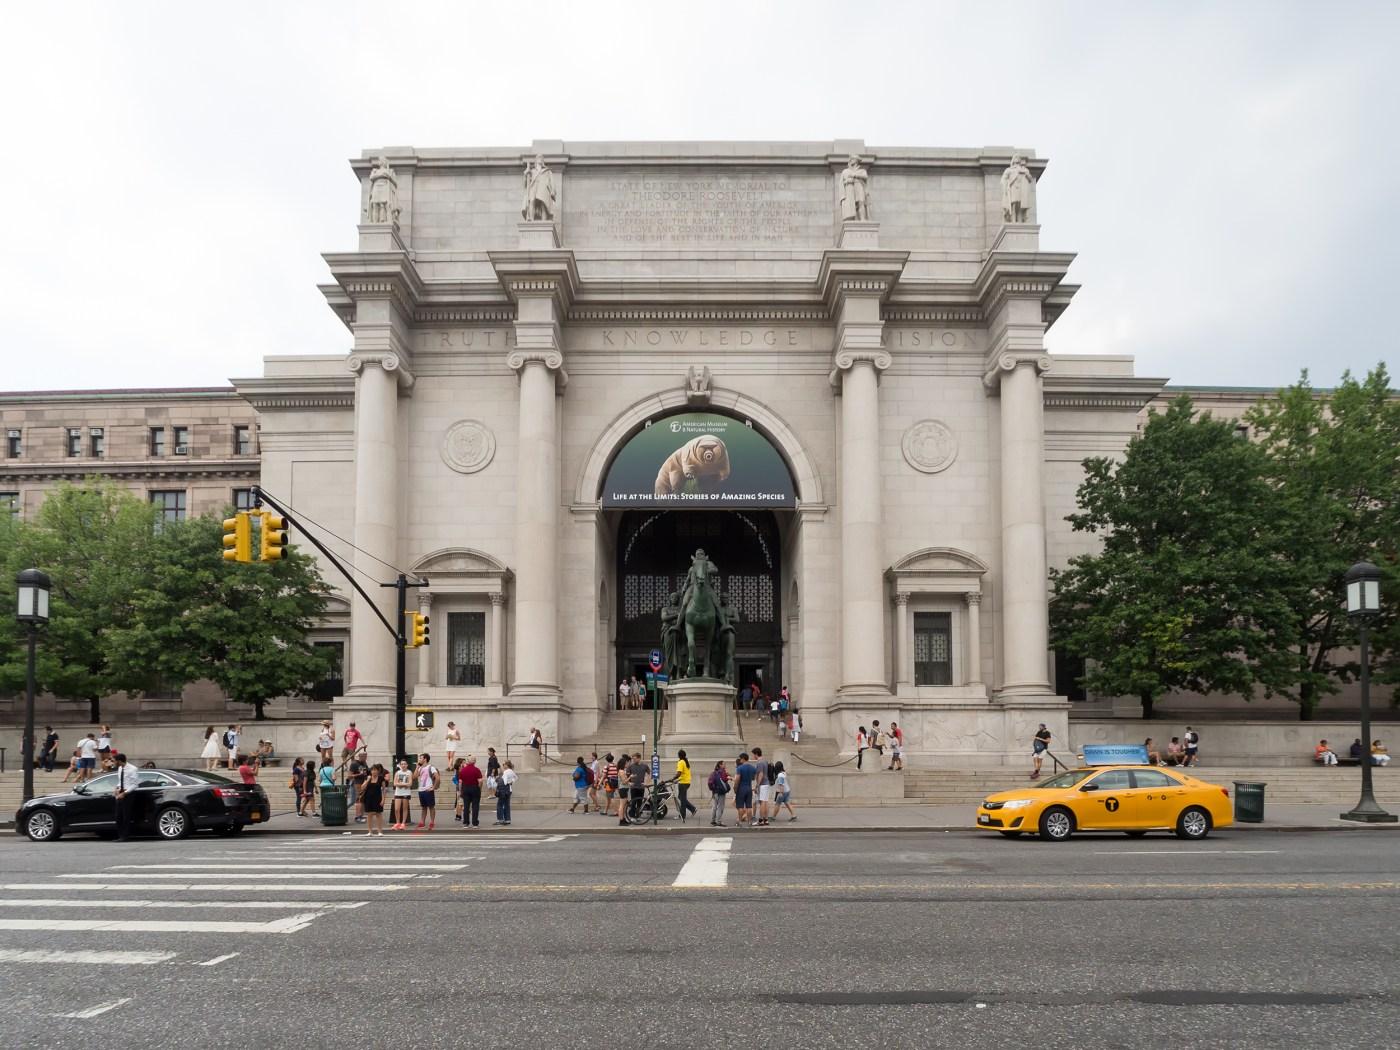 Fachada del American Museum of Natural History en Nueva York